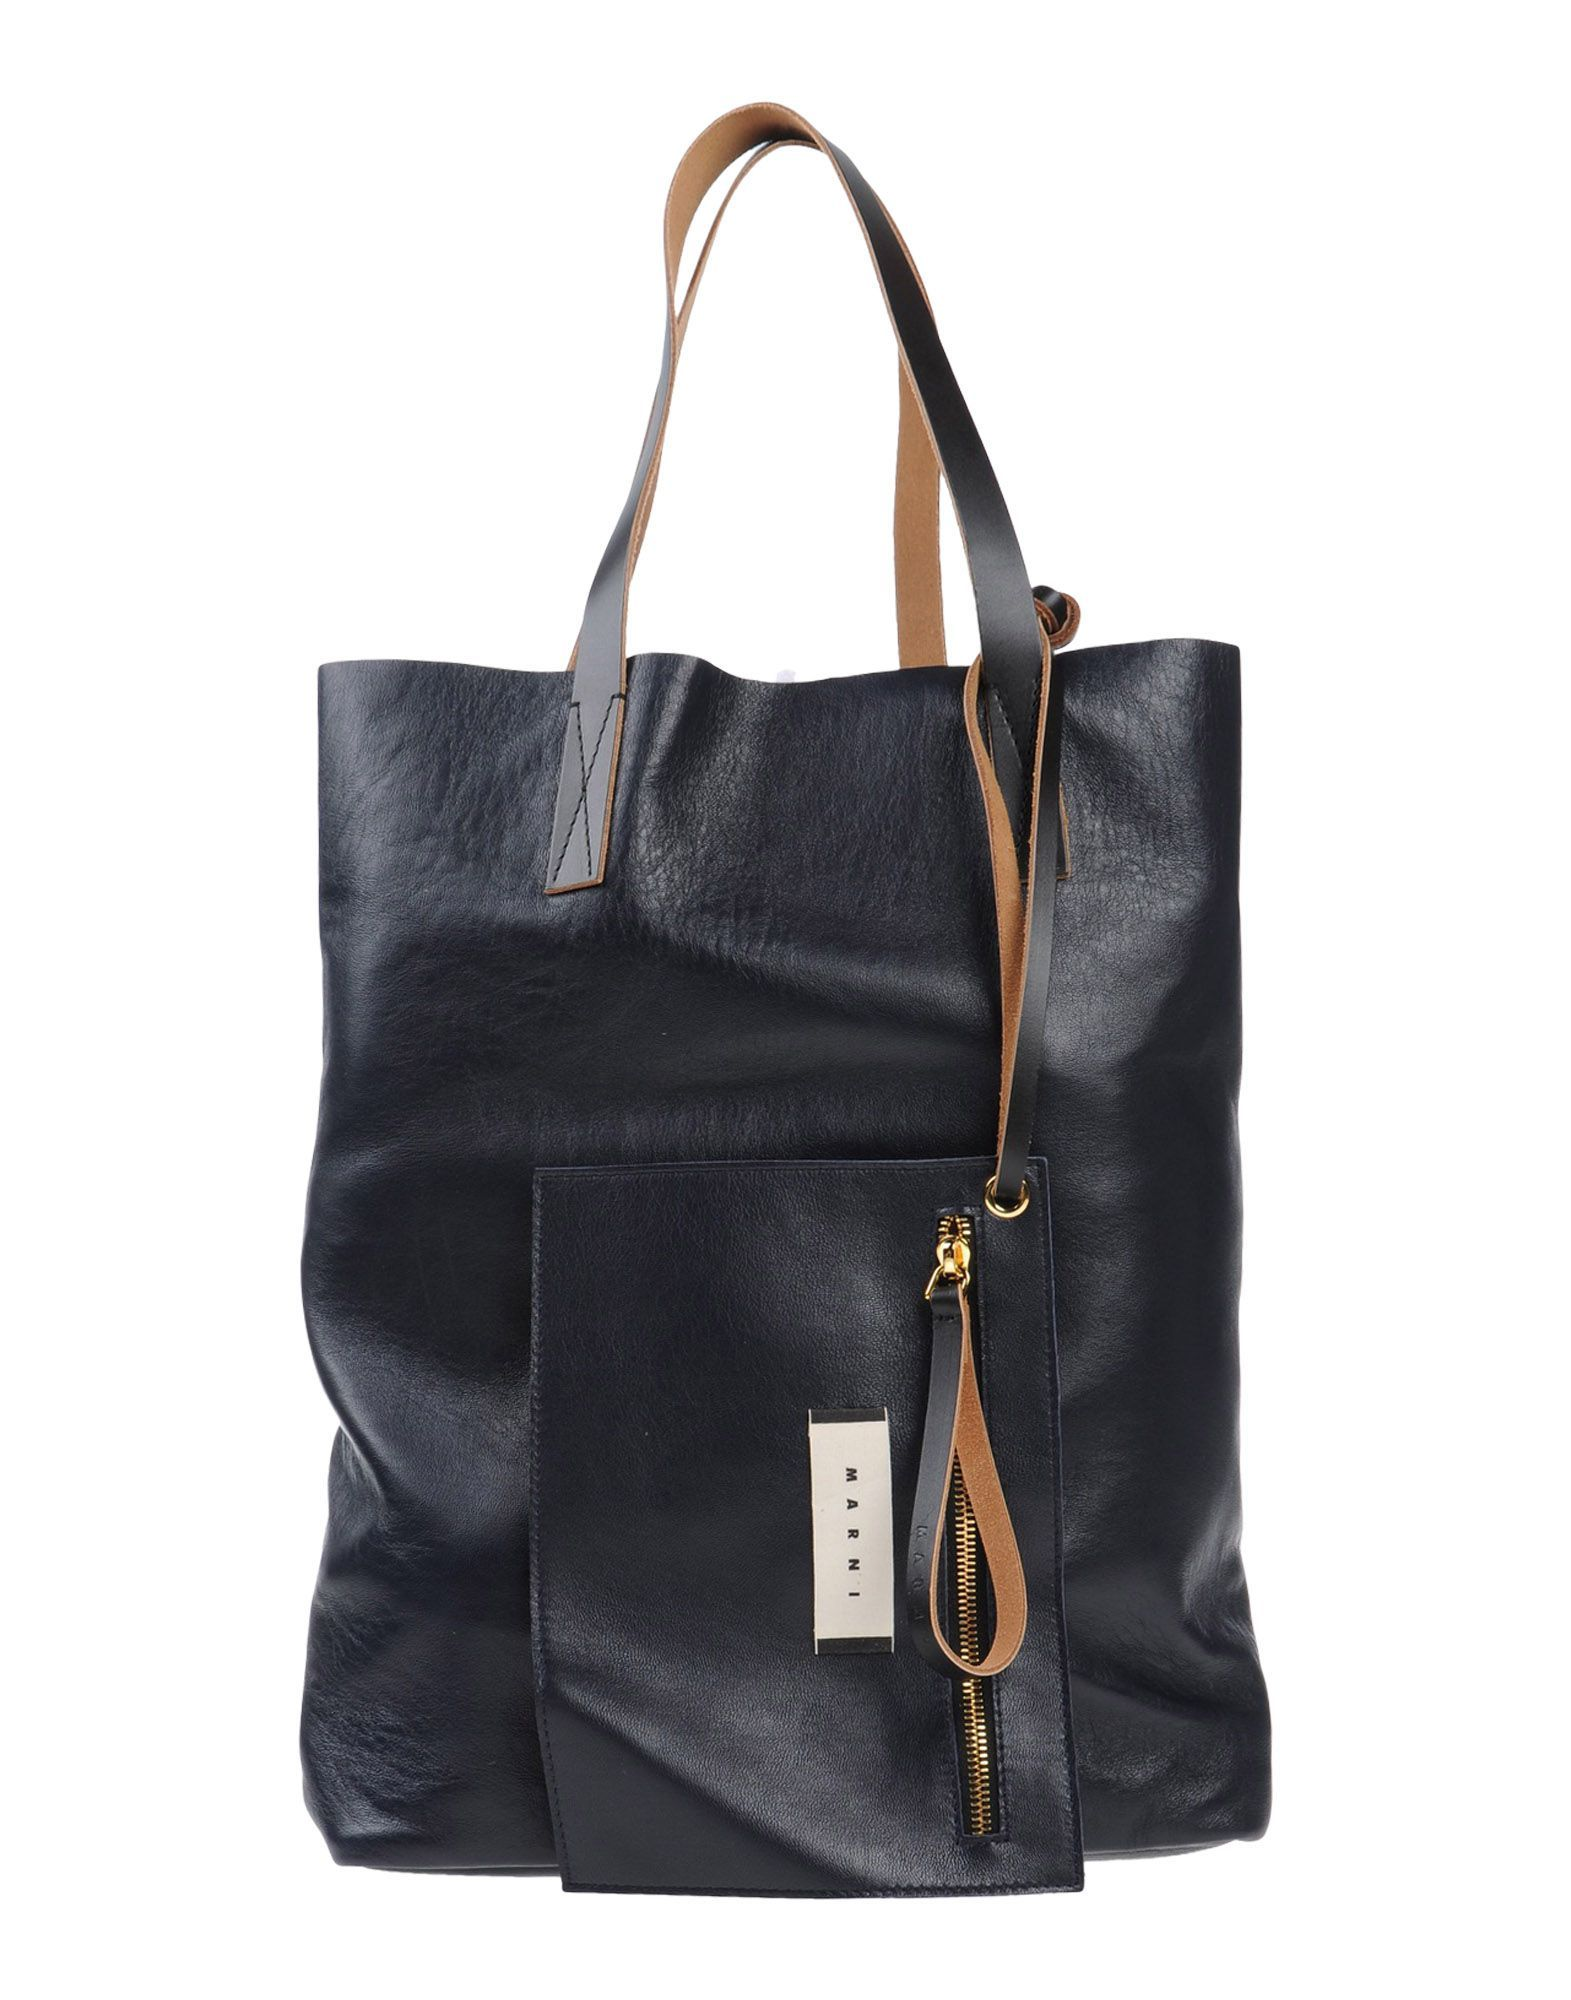 f8f42da55119 Marni Handbag - Women Marni Handbags